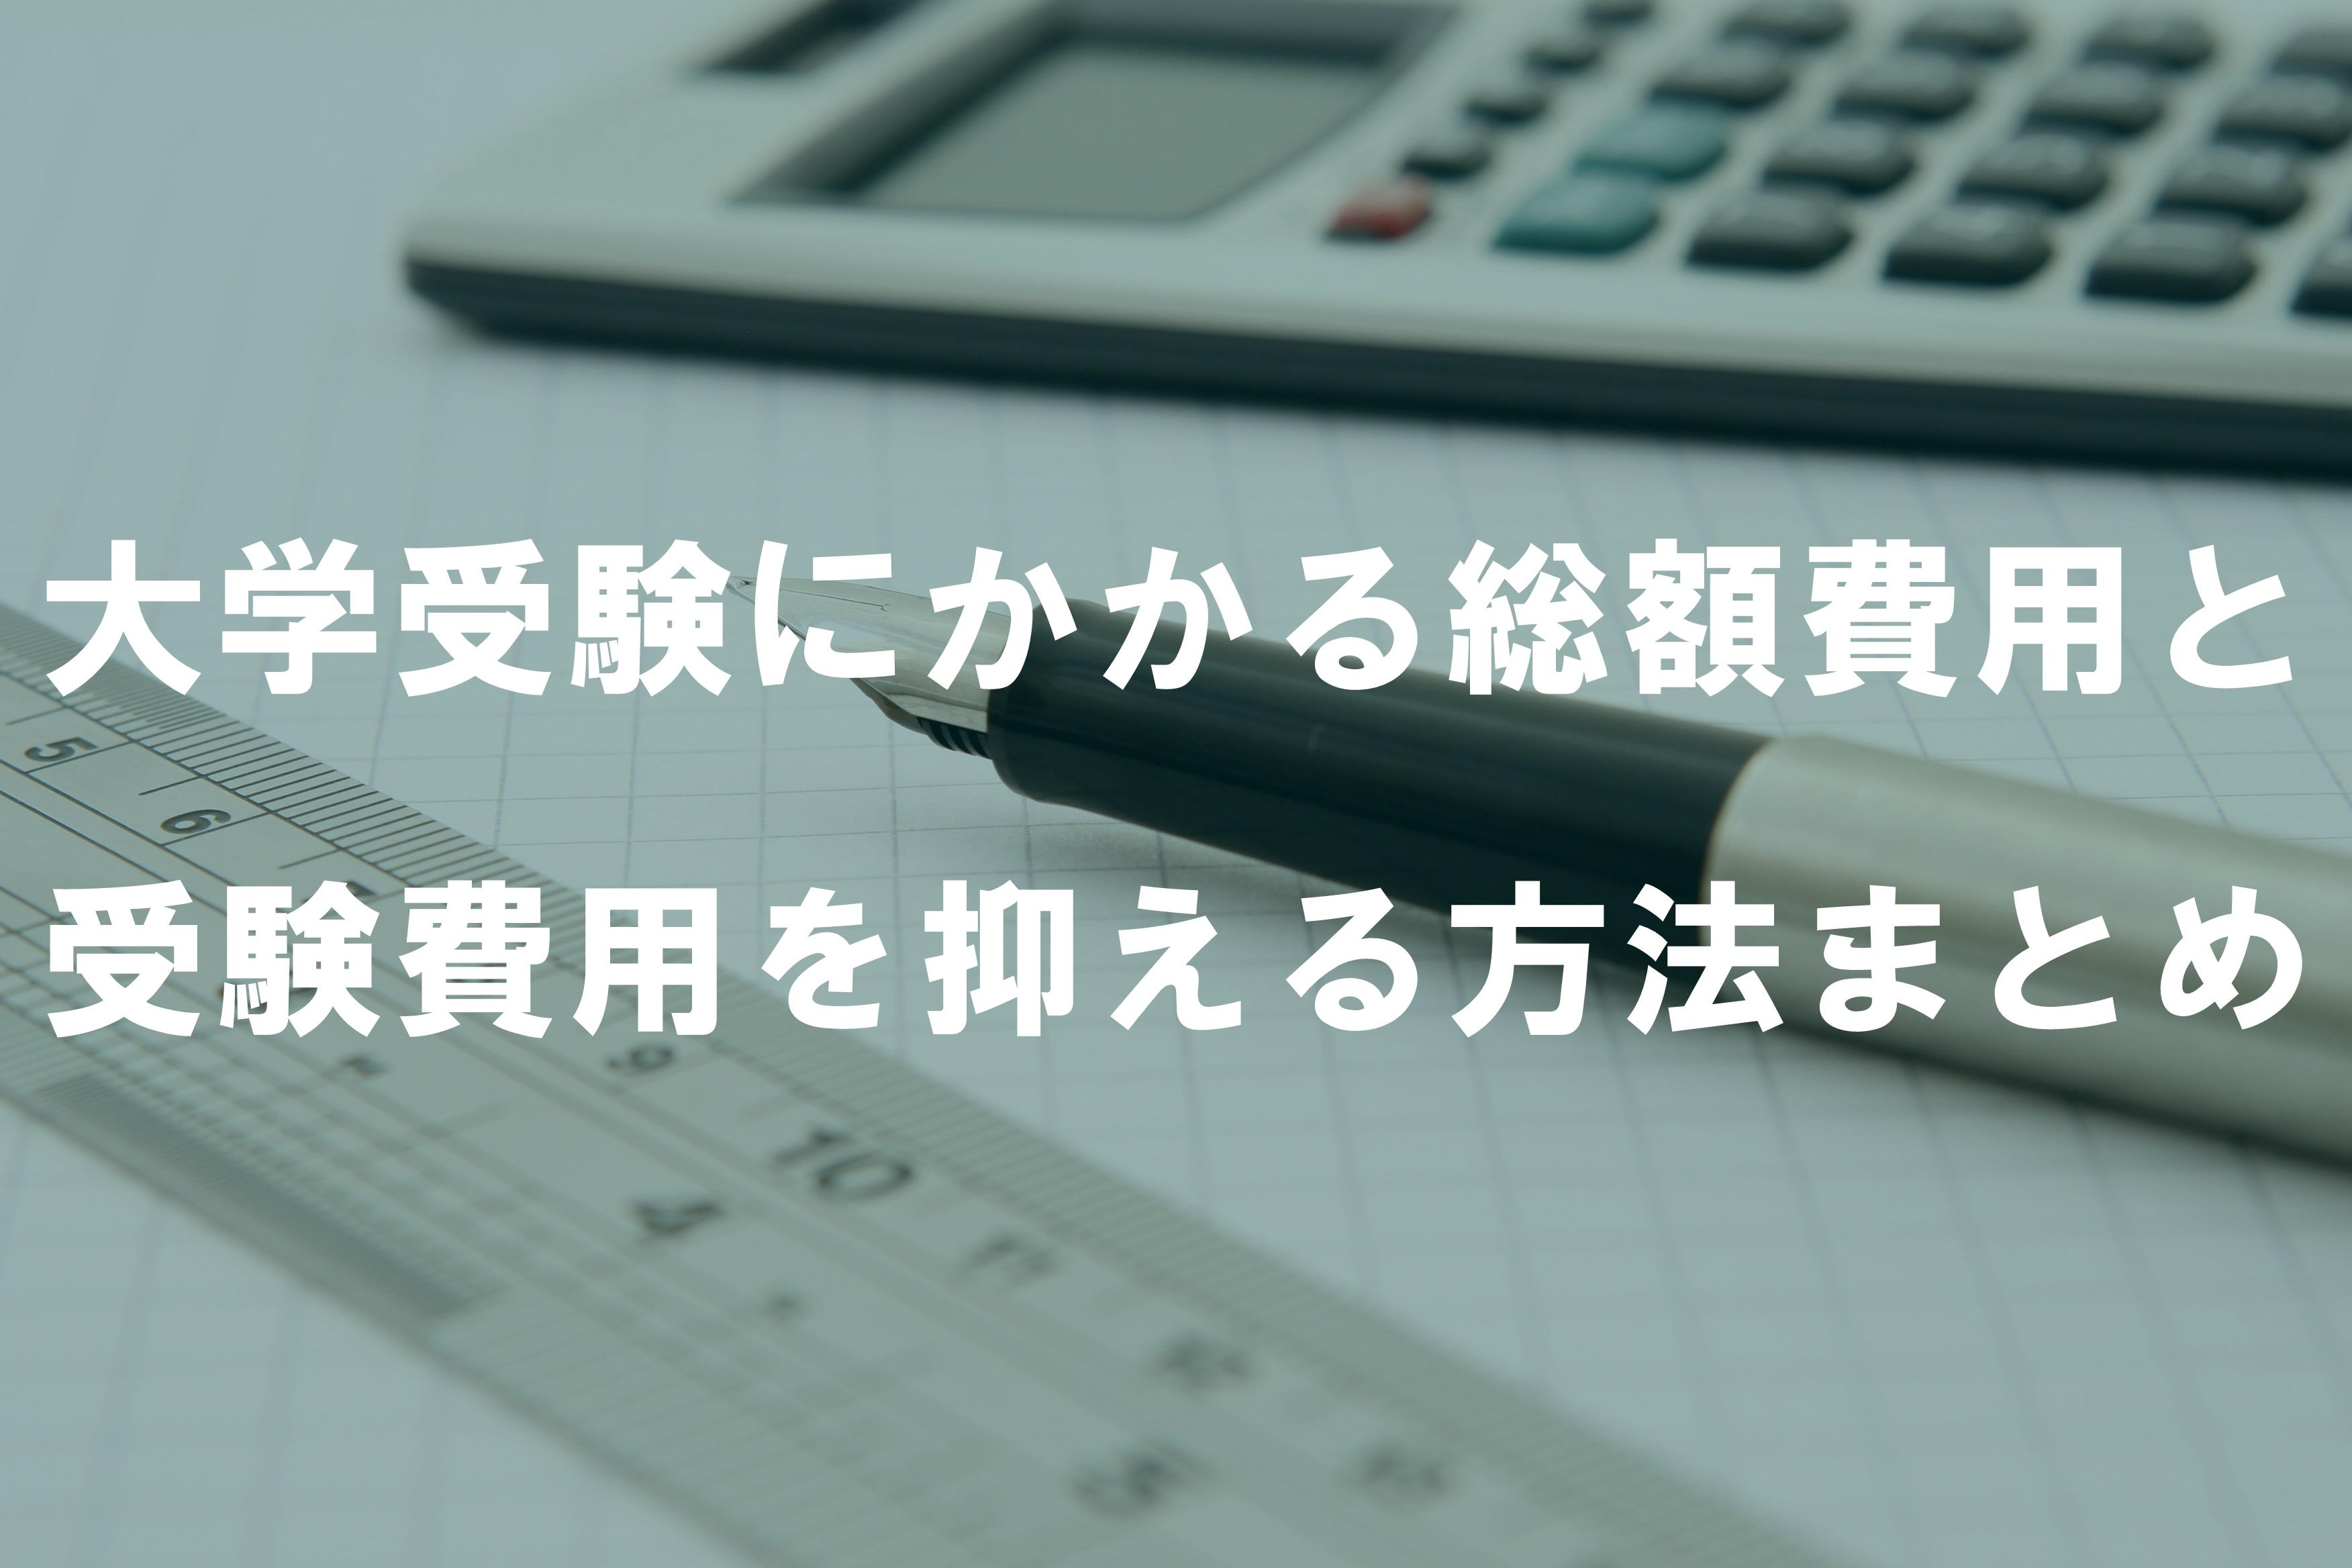 大学受験にかかる総額費用と受験費用を抑える方法まとめ